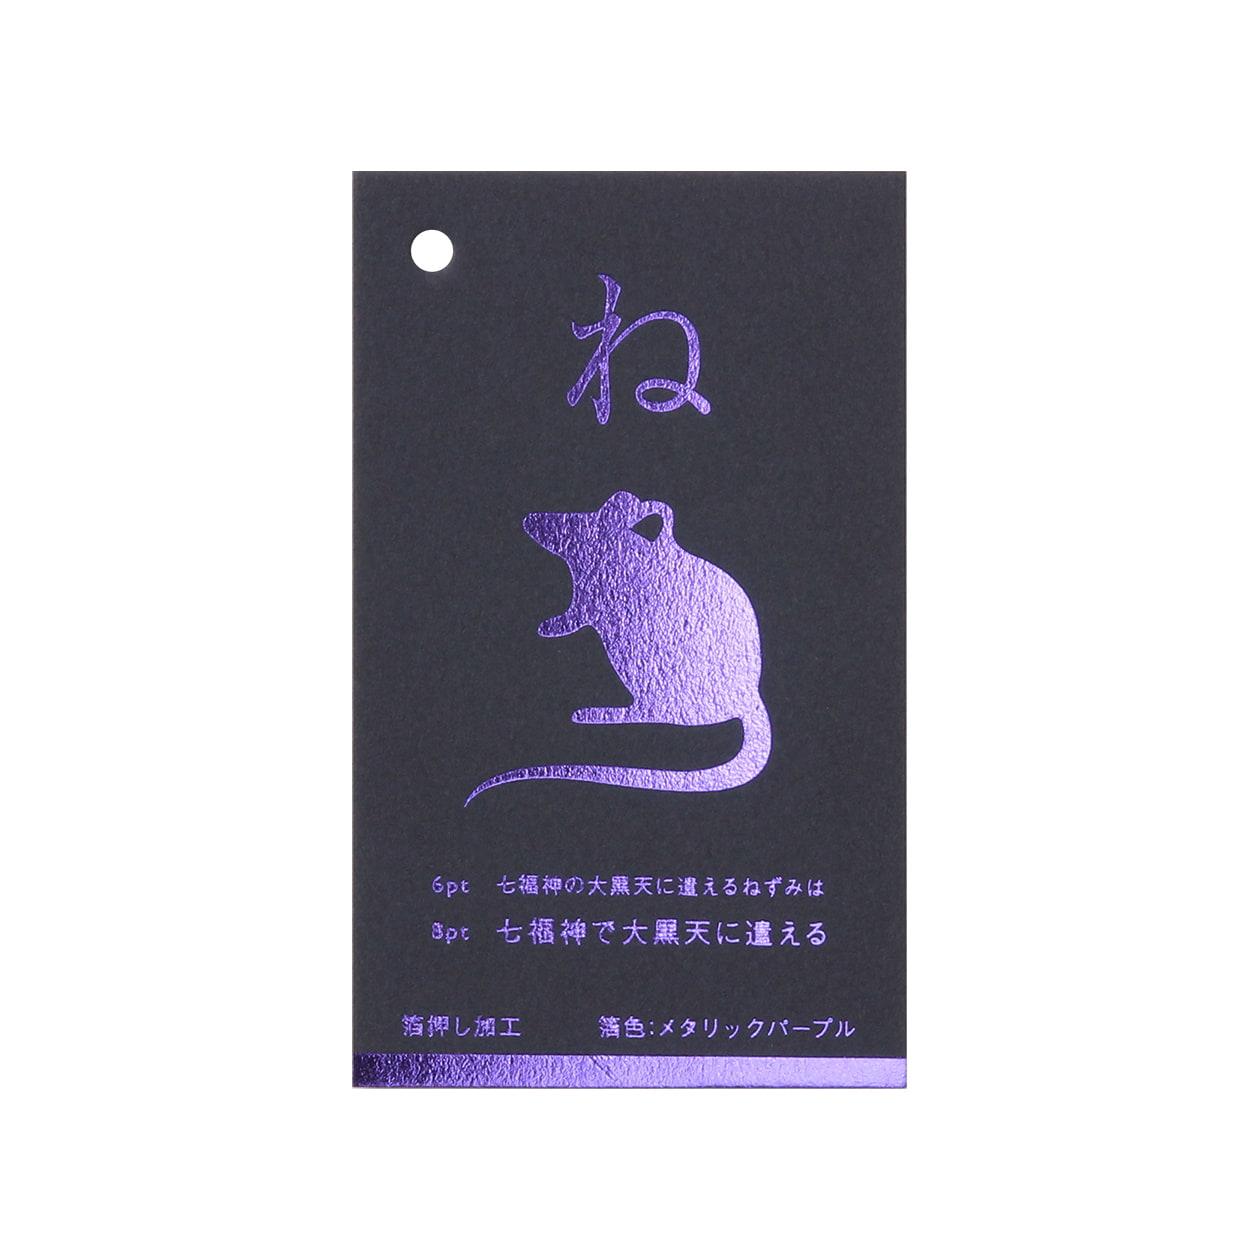 箔色見本 00203 メタリックパープル箔 コットンミッドナイトブルー 291g